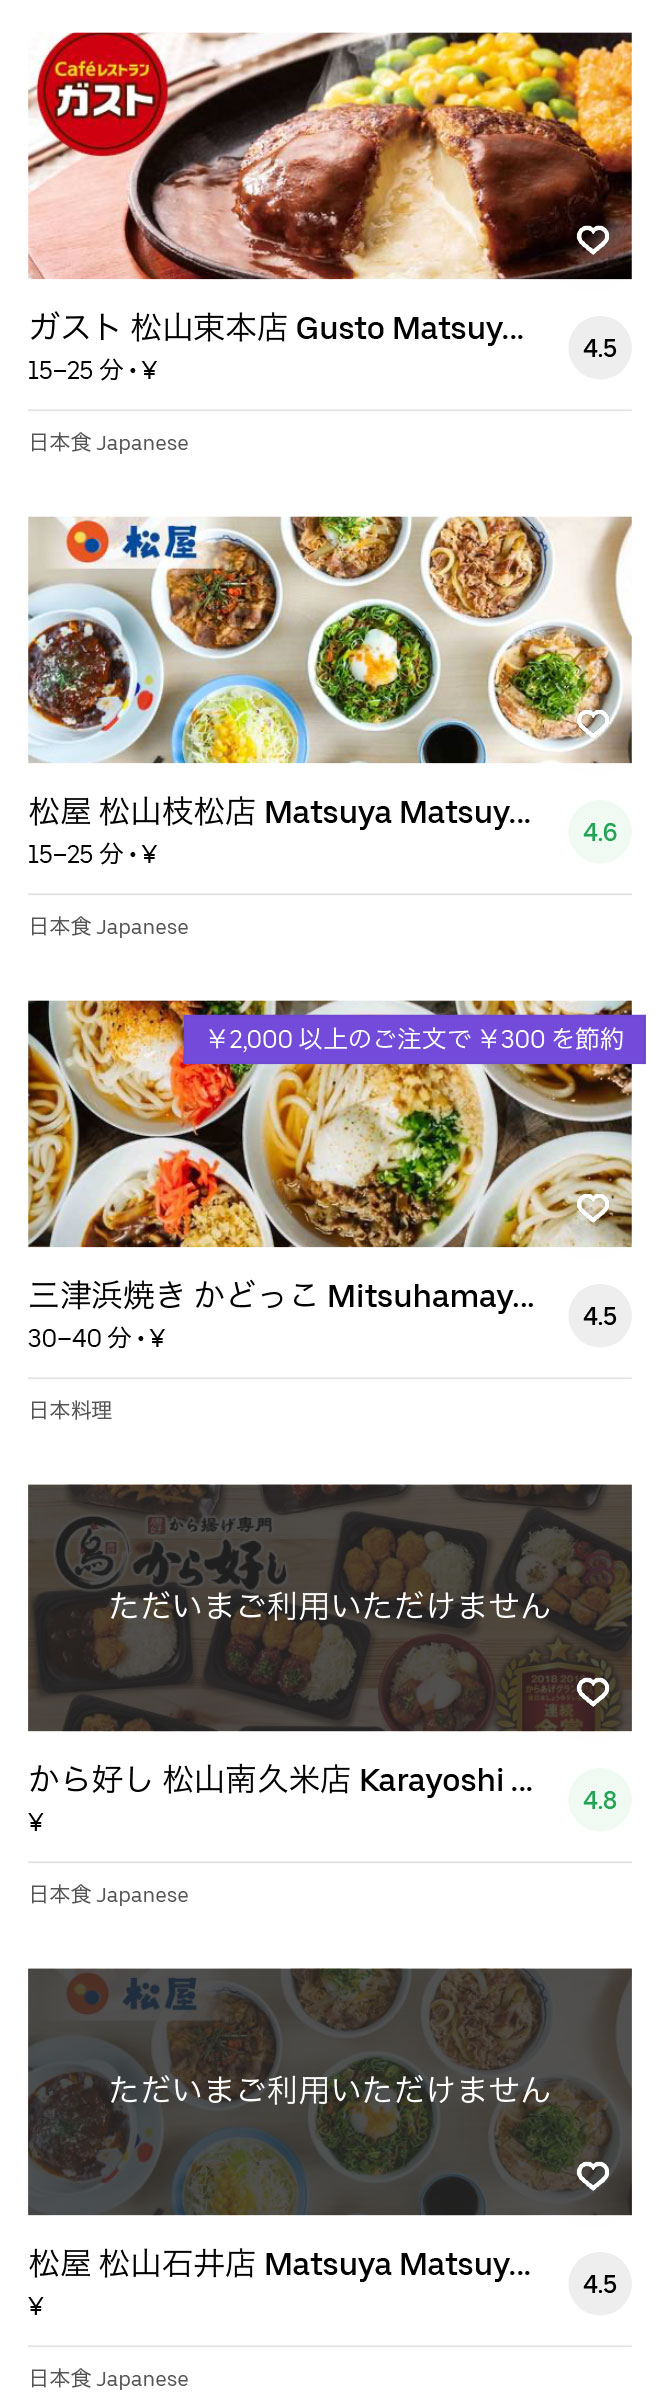 Matsuyama kitakume menu 200403